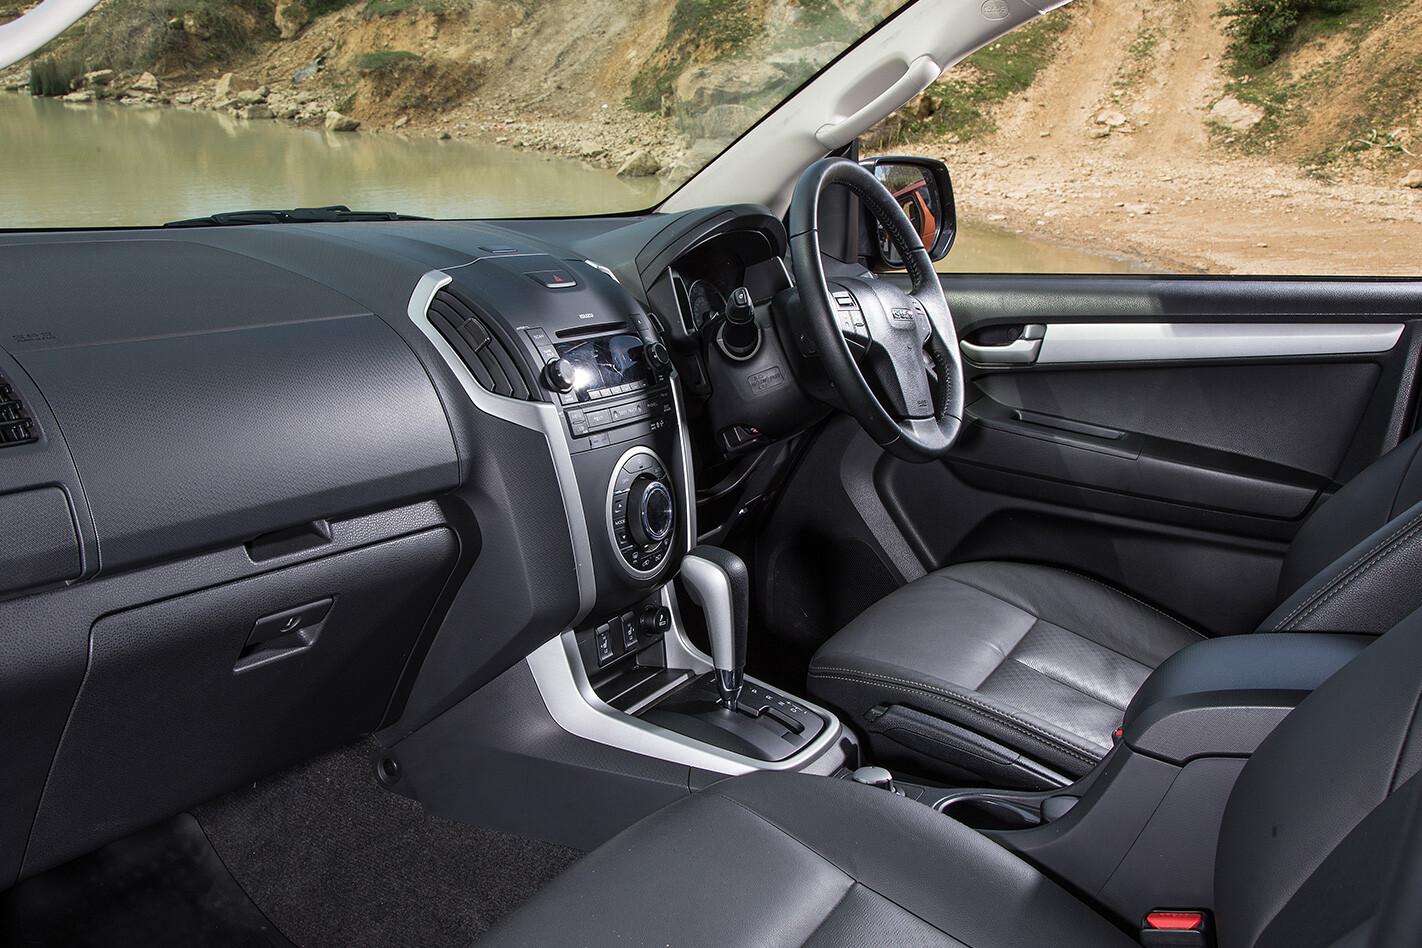 2016 Isuzu D-MAX AT35 interior